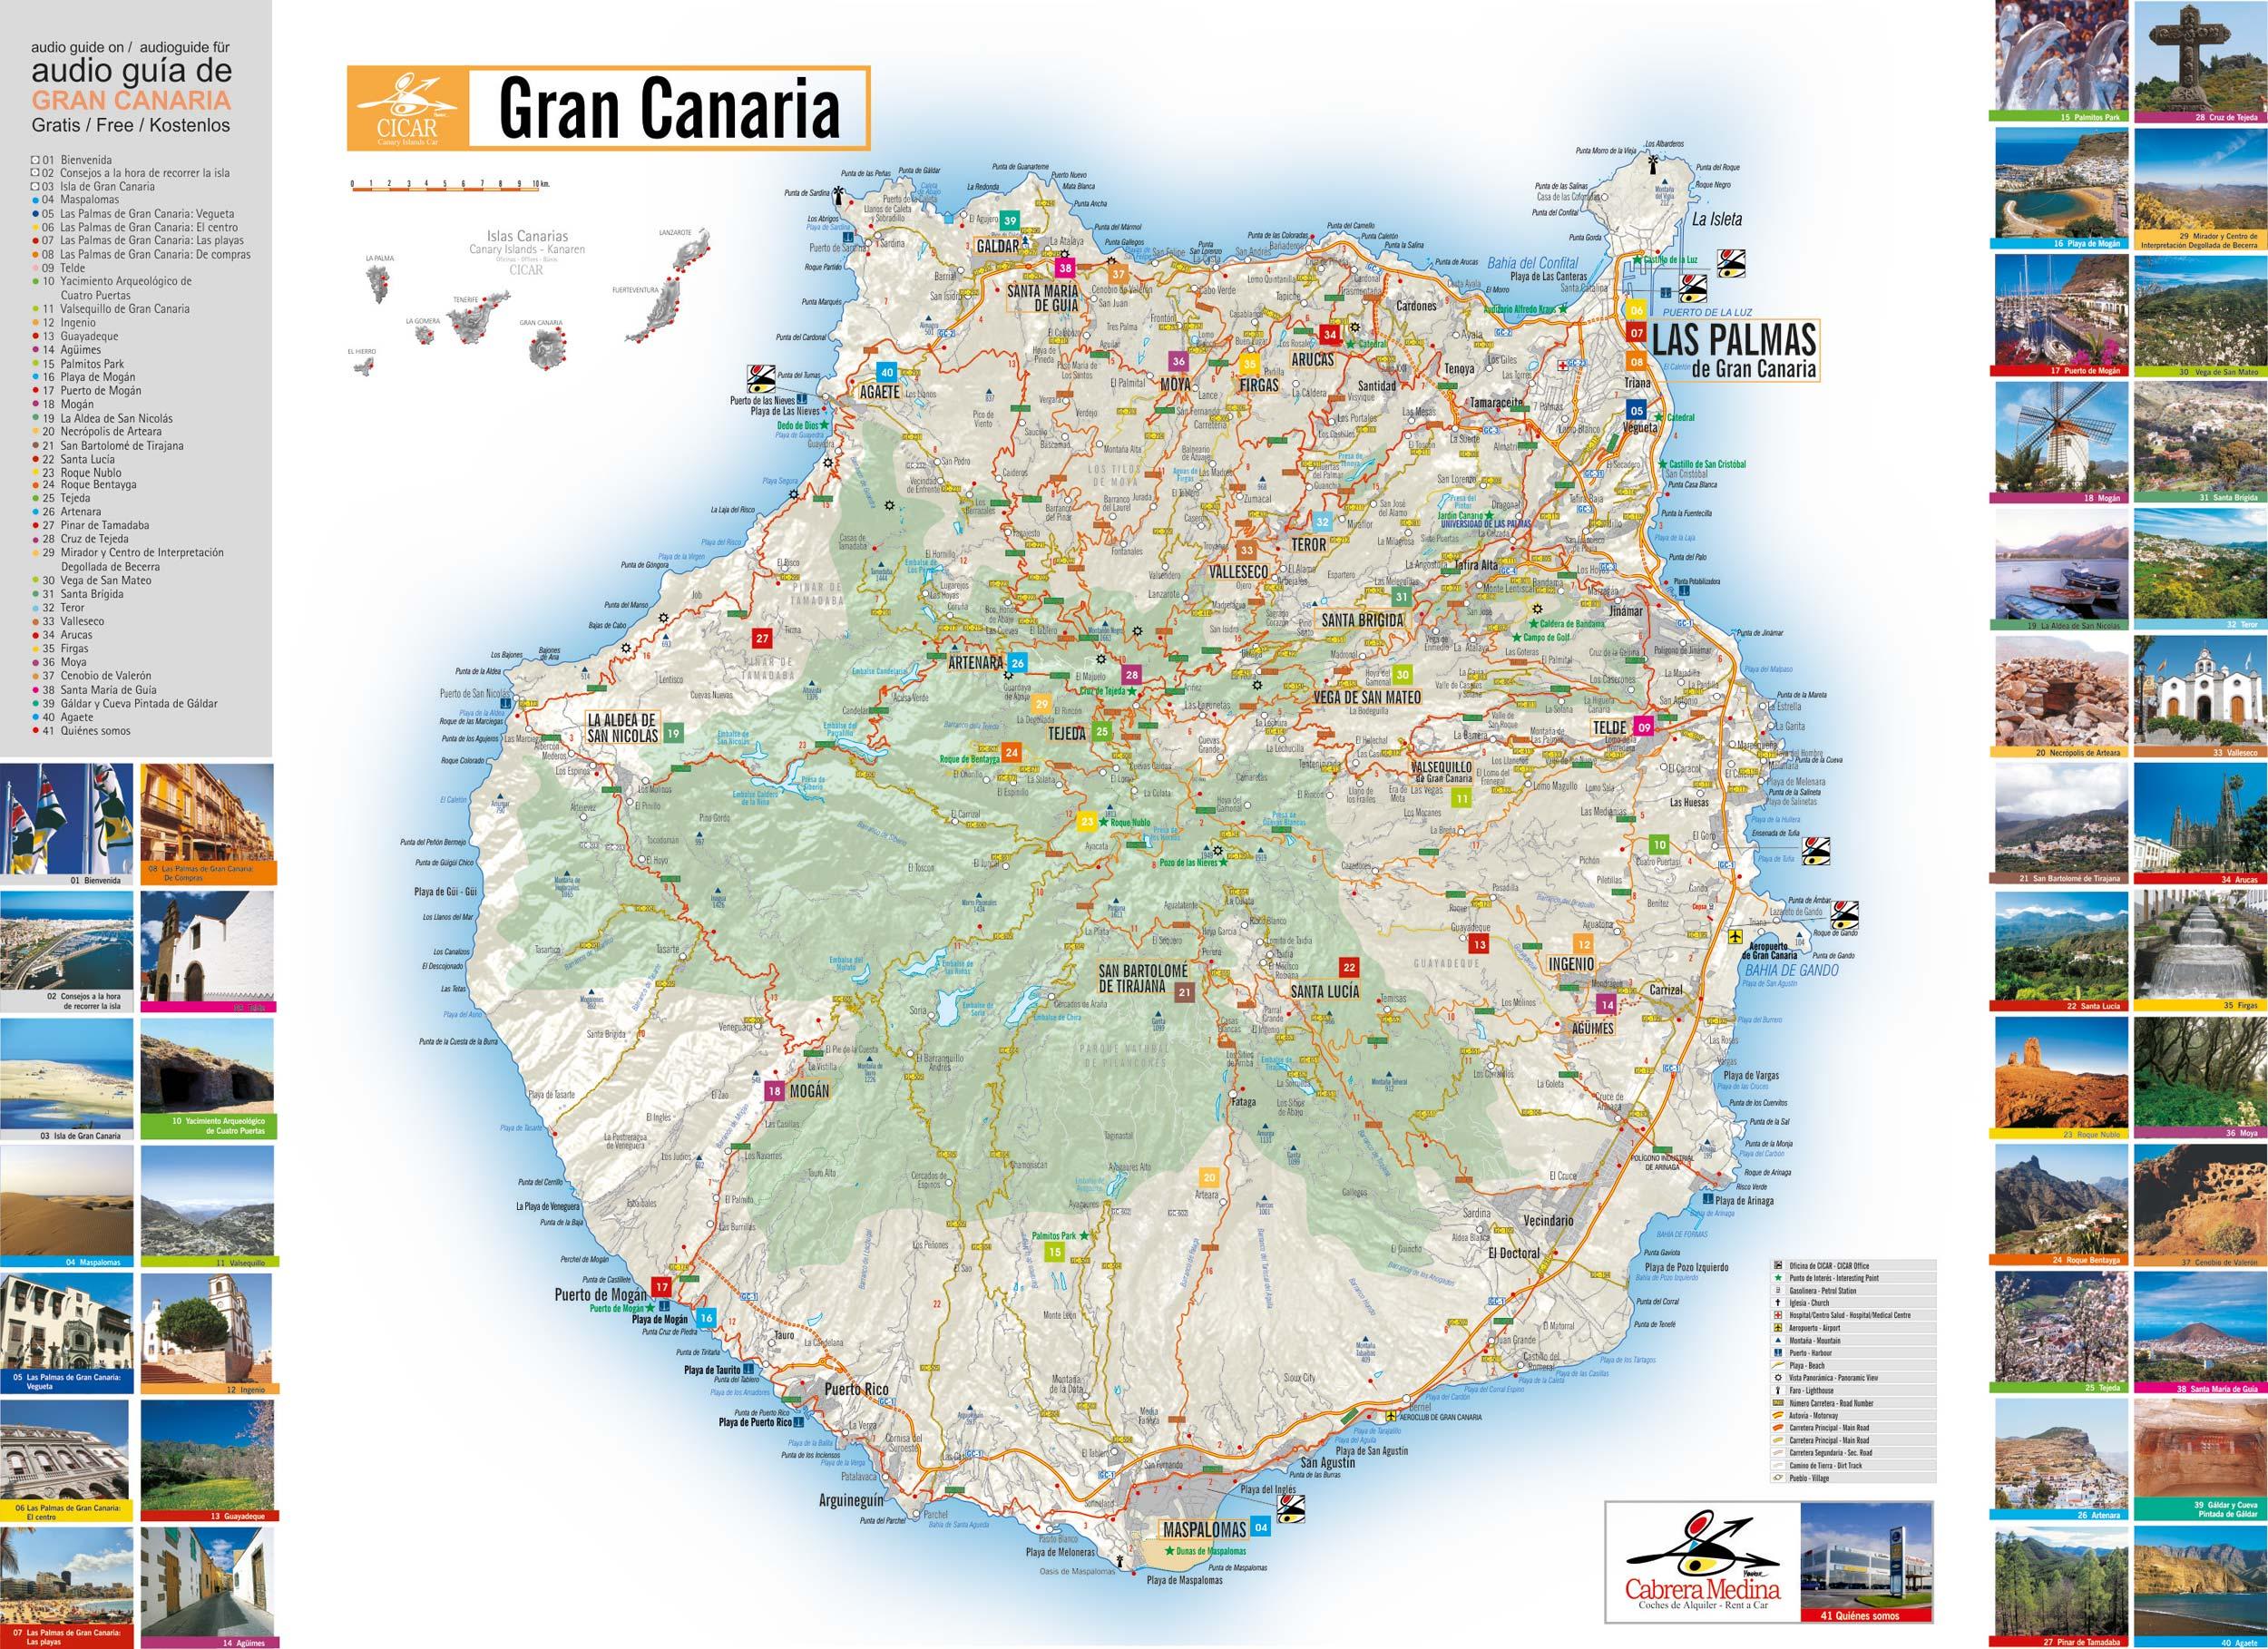 Car hire in Gran Canaria Autos Cabrera Medina